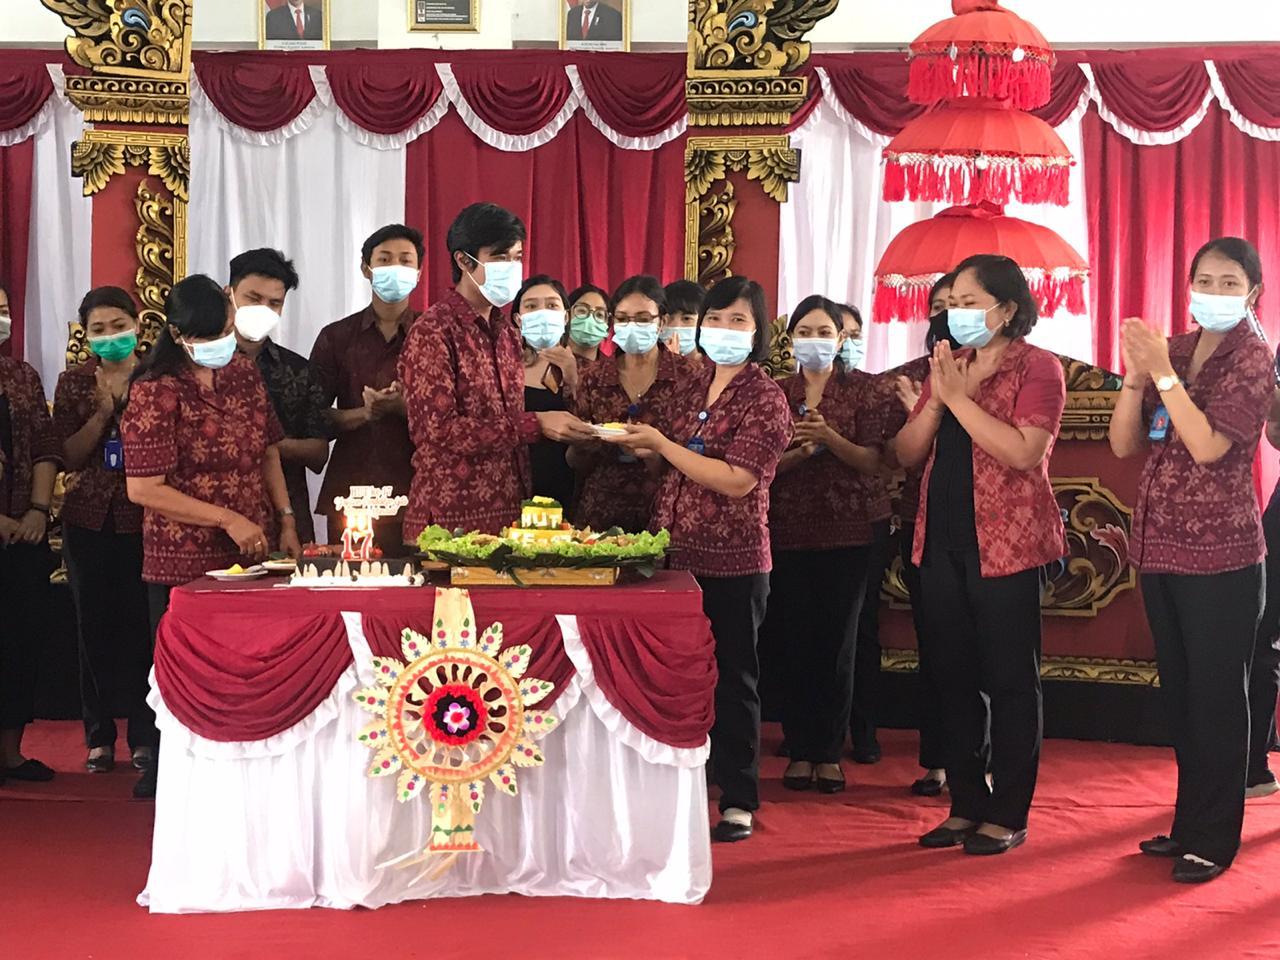 KETUA Yayasan Pendidikan Gita Asrama Mandala, I Wayan Cahyadi Adiguna, menyerahkan tumpeng HUT kepada Kepala SMK Bali Dewata, Ni Ketut Sutarsih. Foto: tra